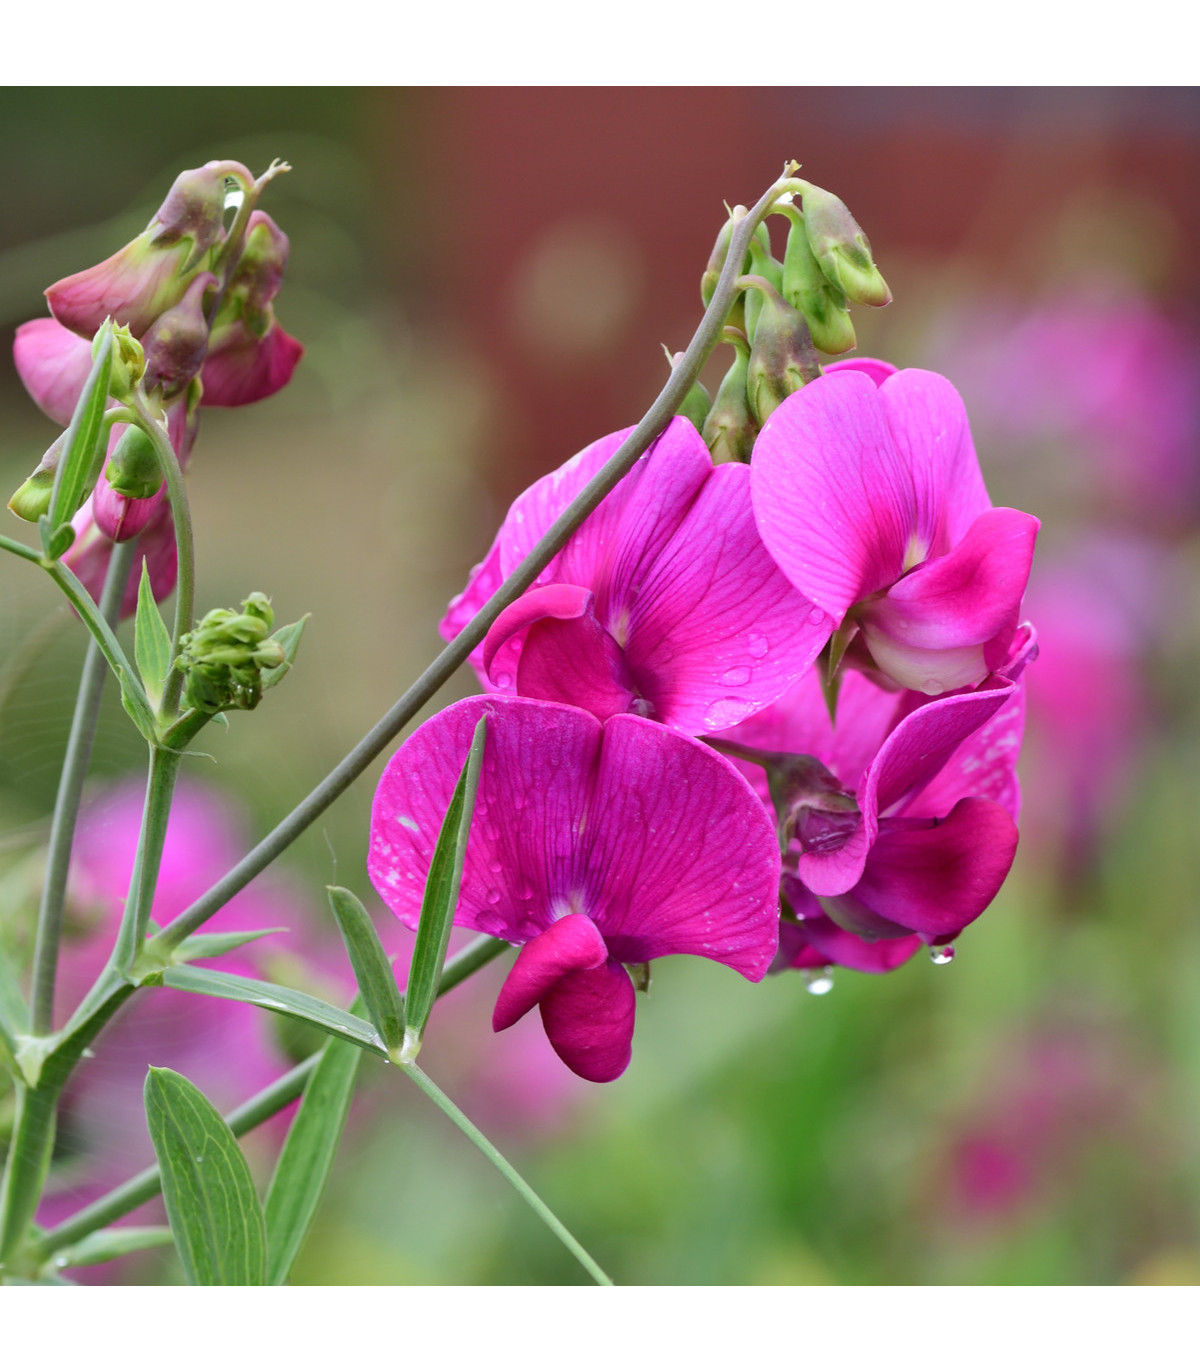 Hrachor vonný růžový - semena Hrachoru - Lathyrus odoratus - 20 ks